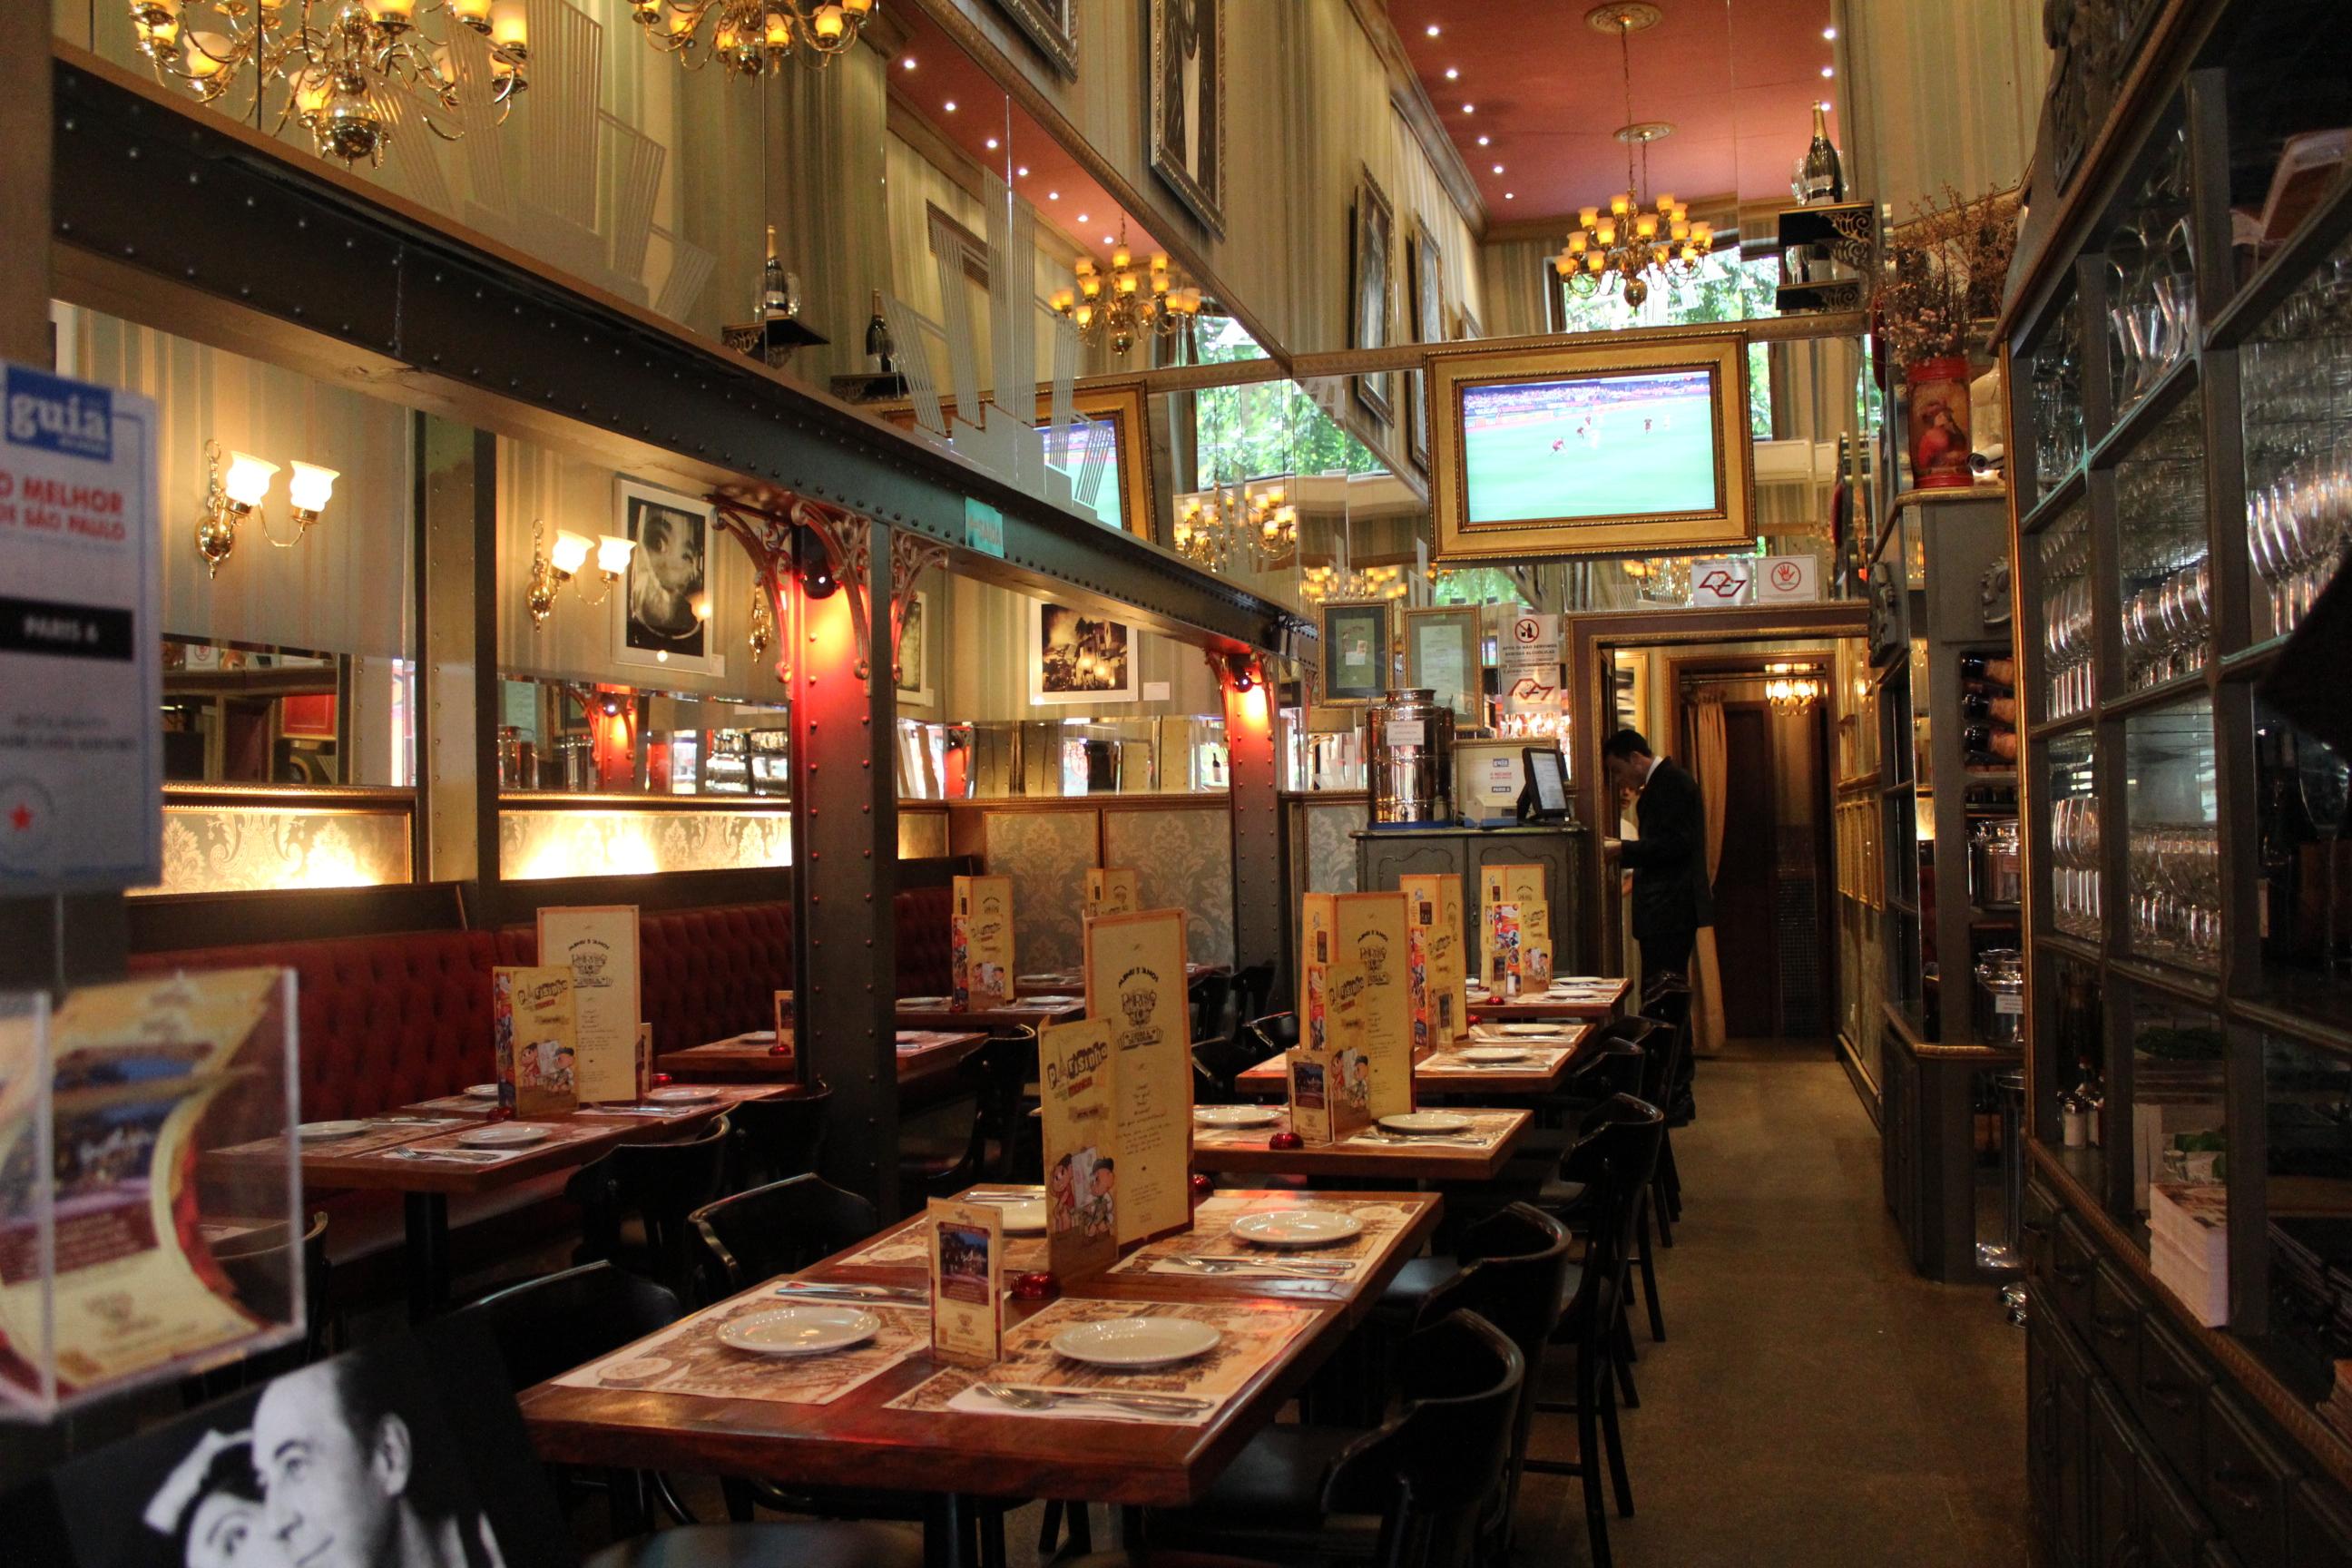 Chefsclub restaurantes com at 50 de desconto for Restaurantes franceses